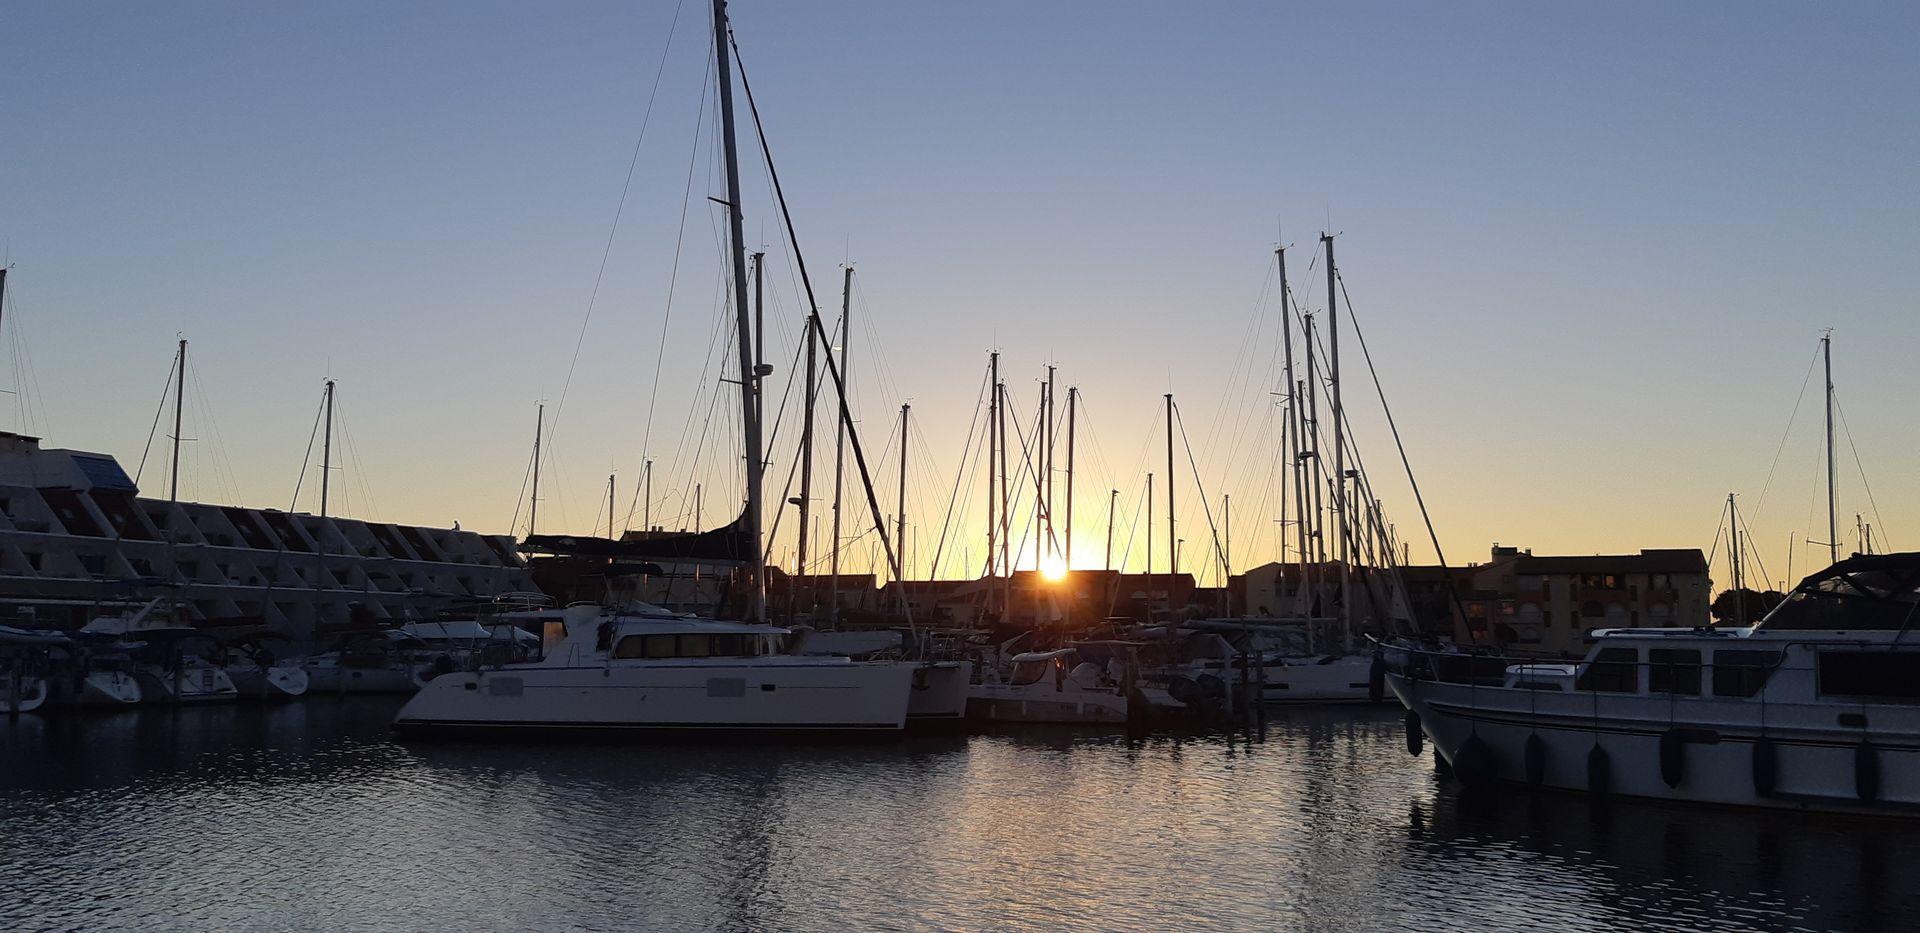 Port de Carnon au coucher de soleil